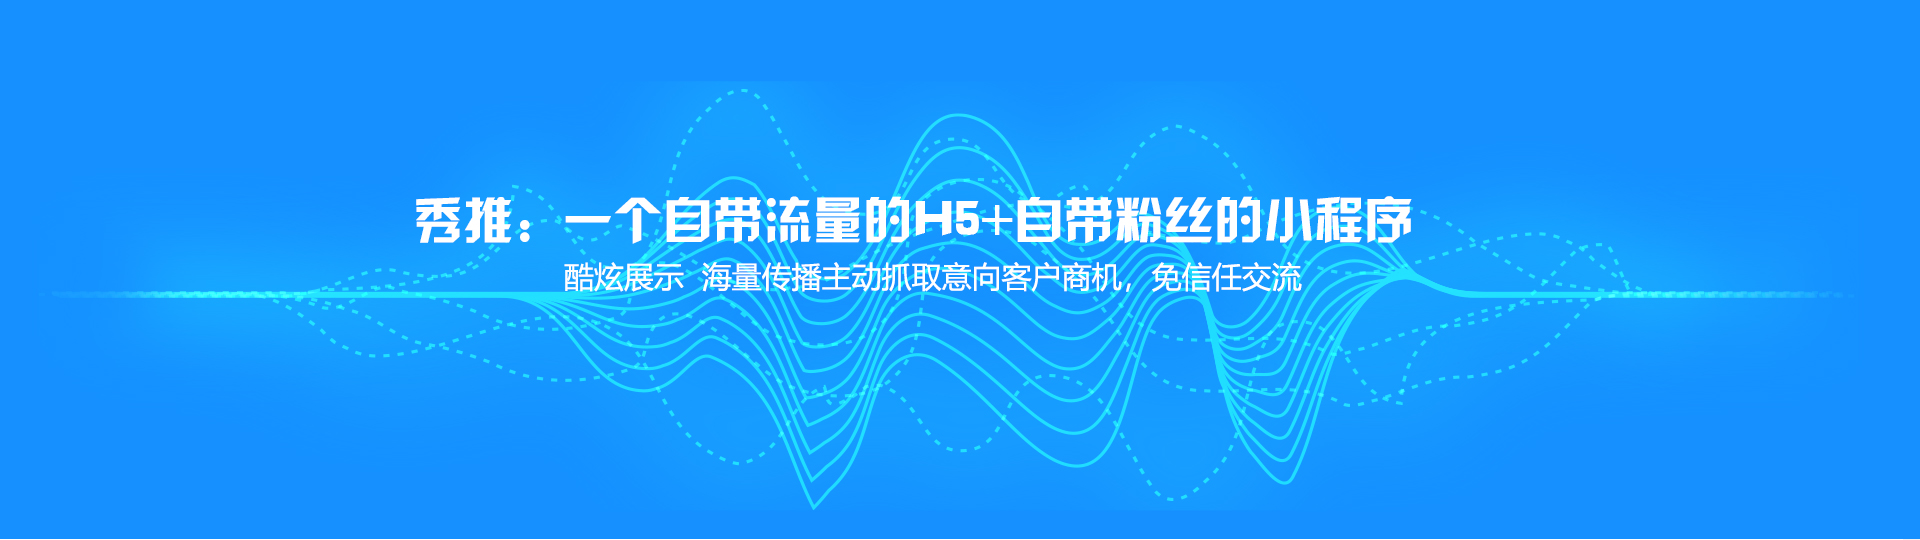 云南领迈文化传播有限公司